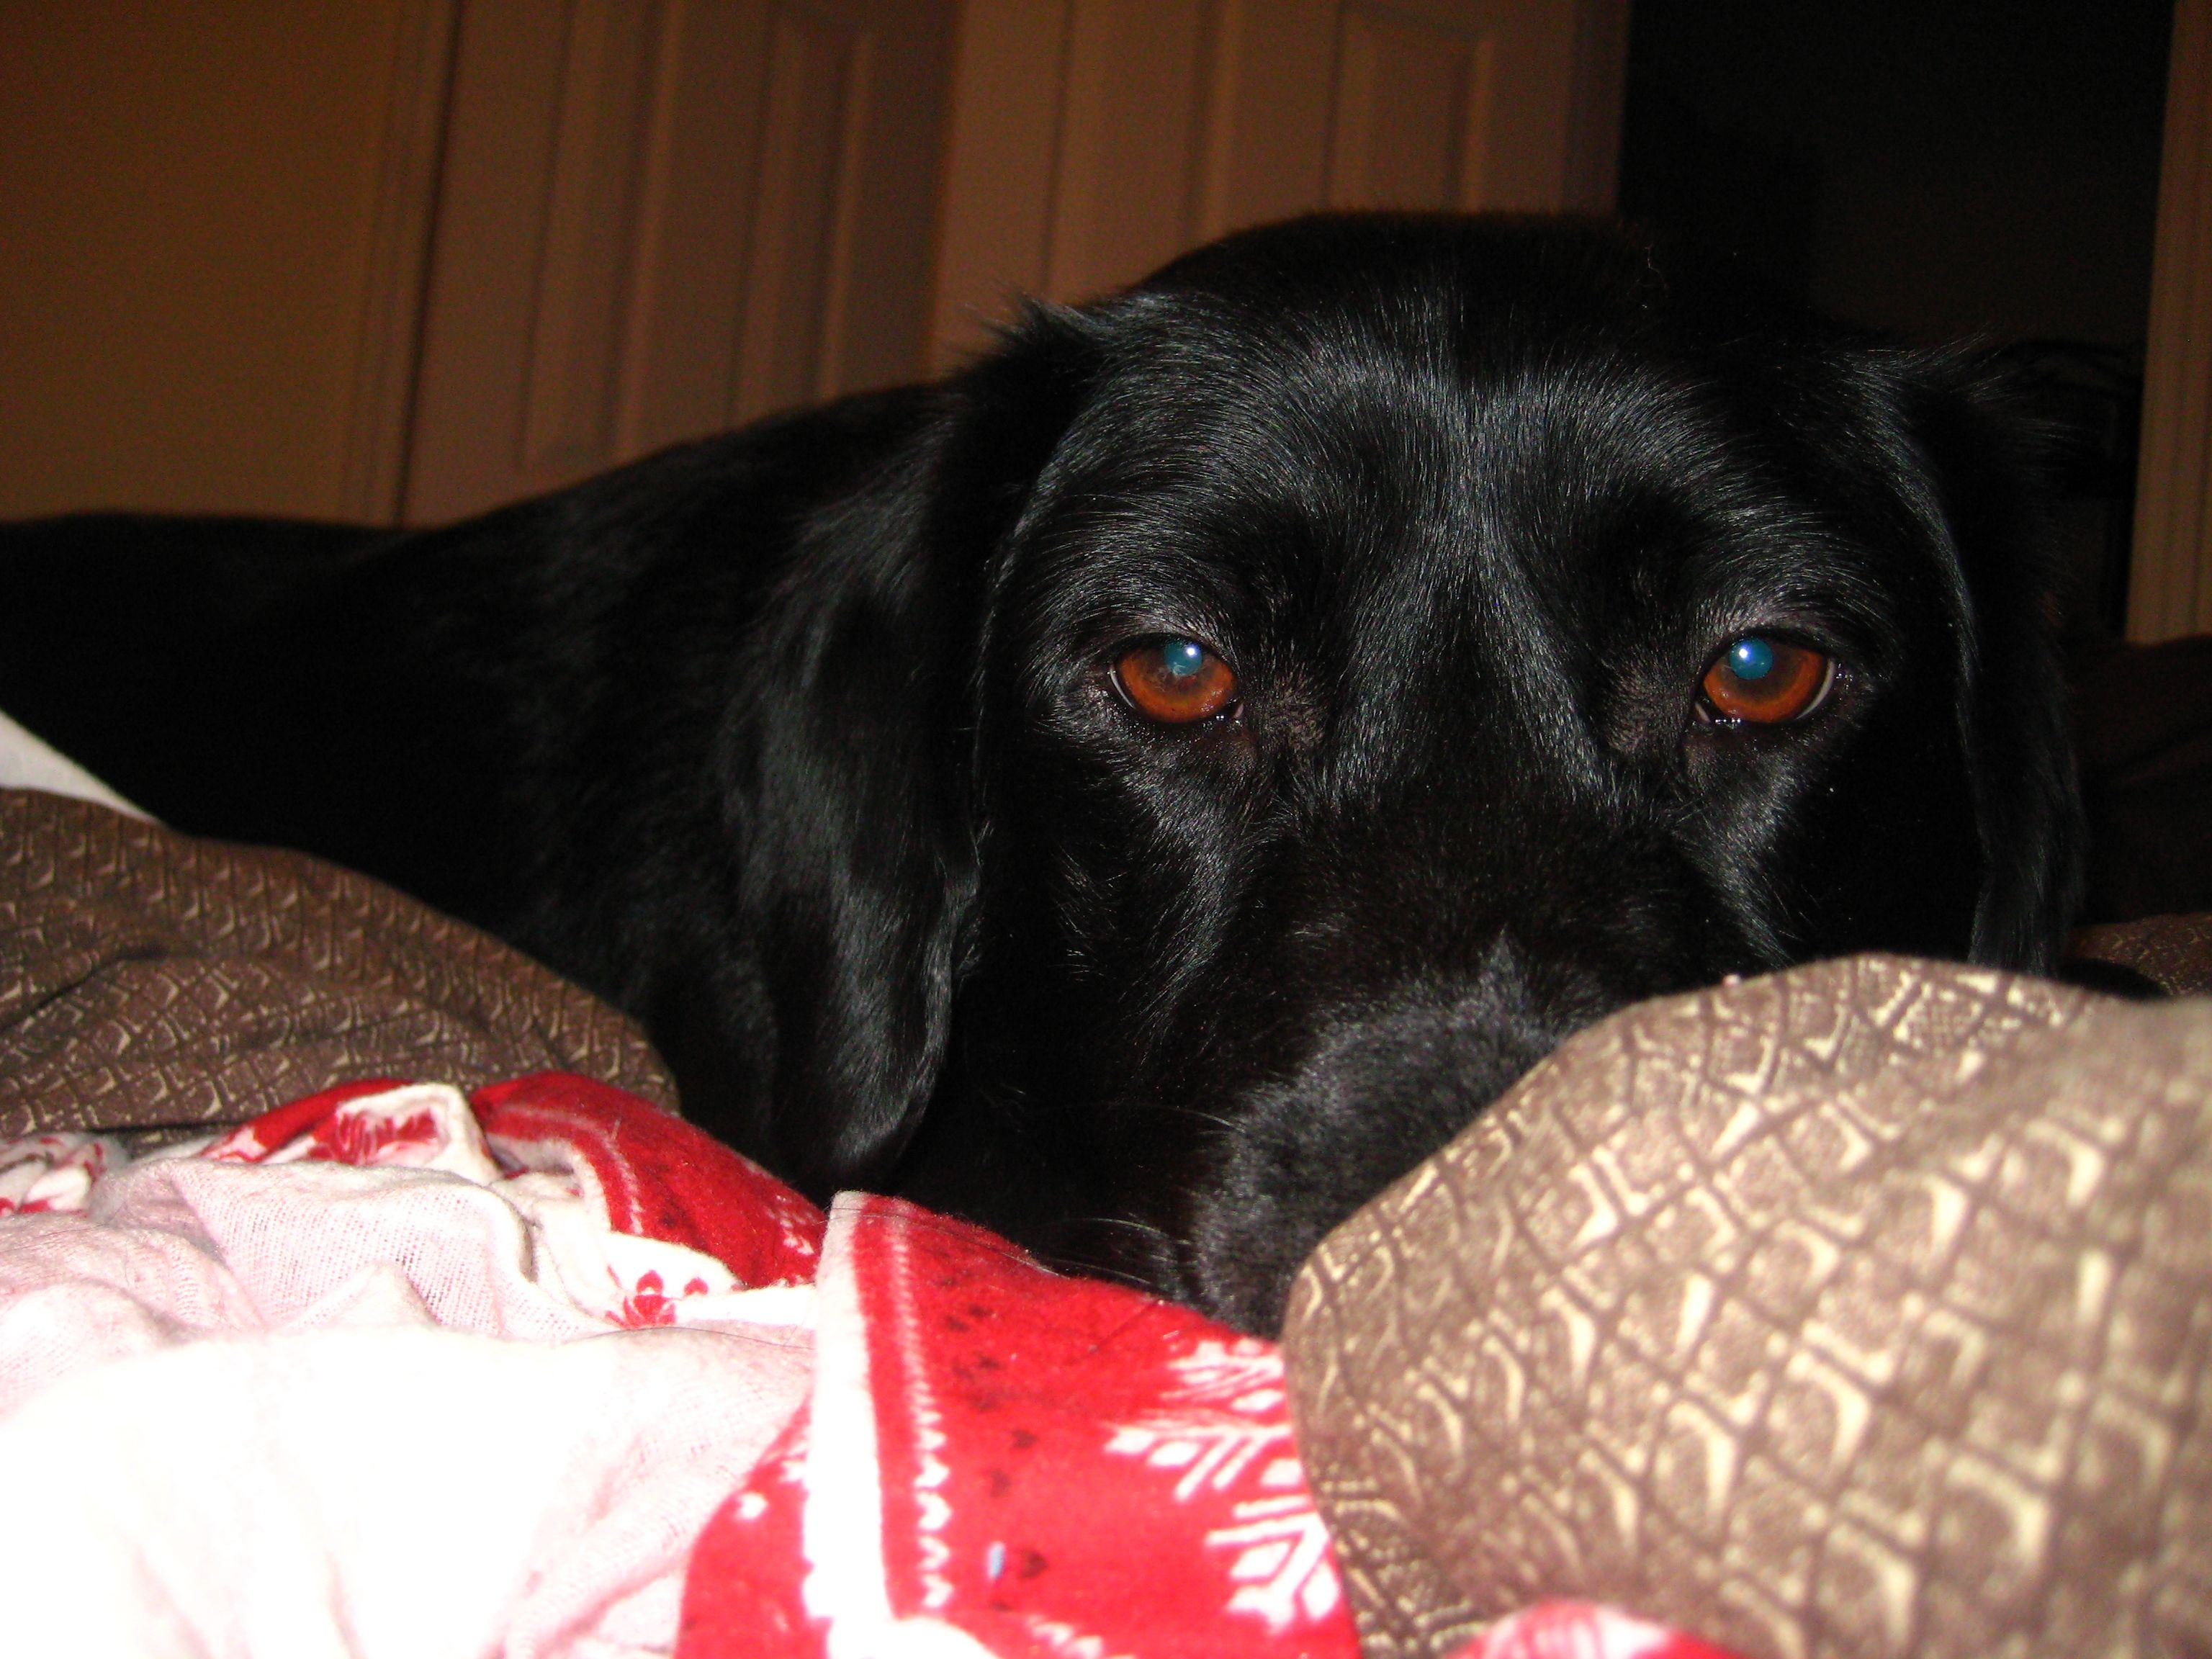 Good Labrador Retriever Black Adorable Dog - 1d9b417b23a99e1634e0c3677d4b7f12  Snapshot_344723  .jpg